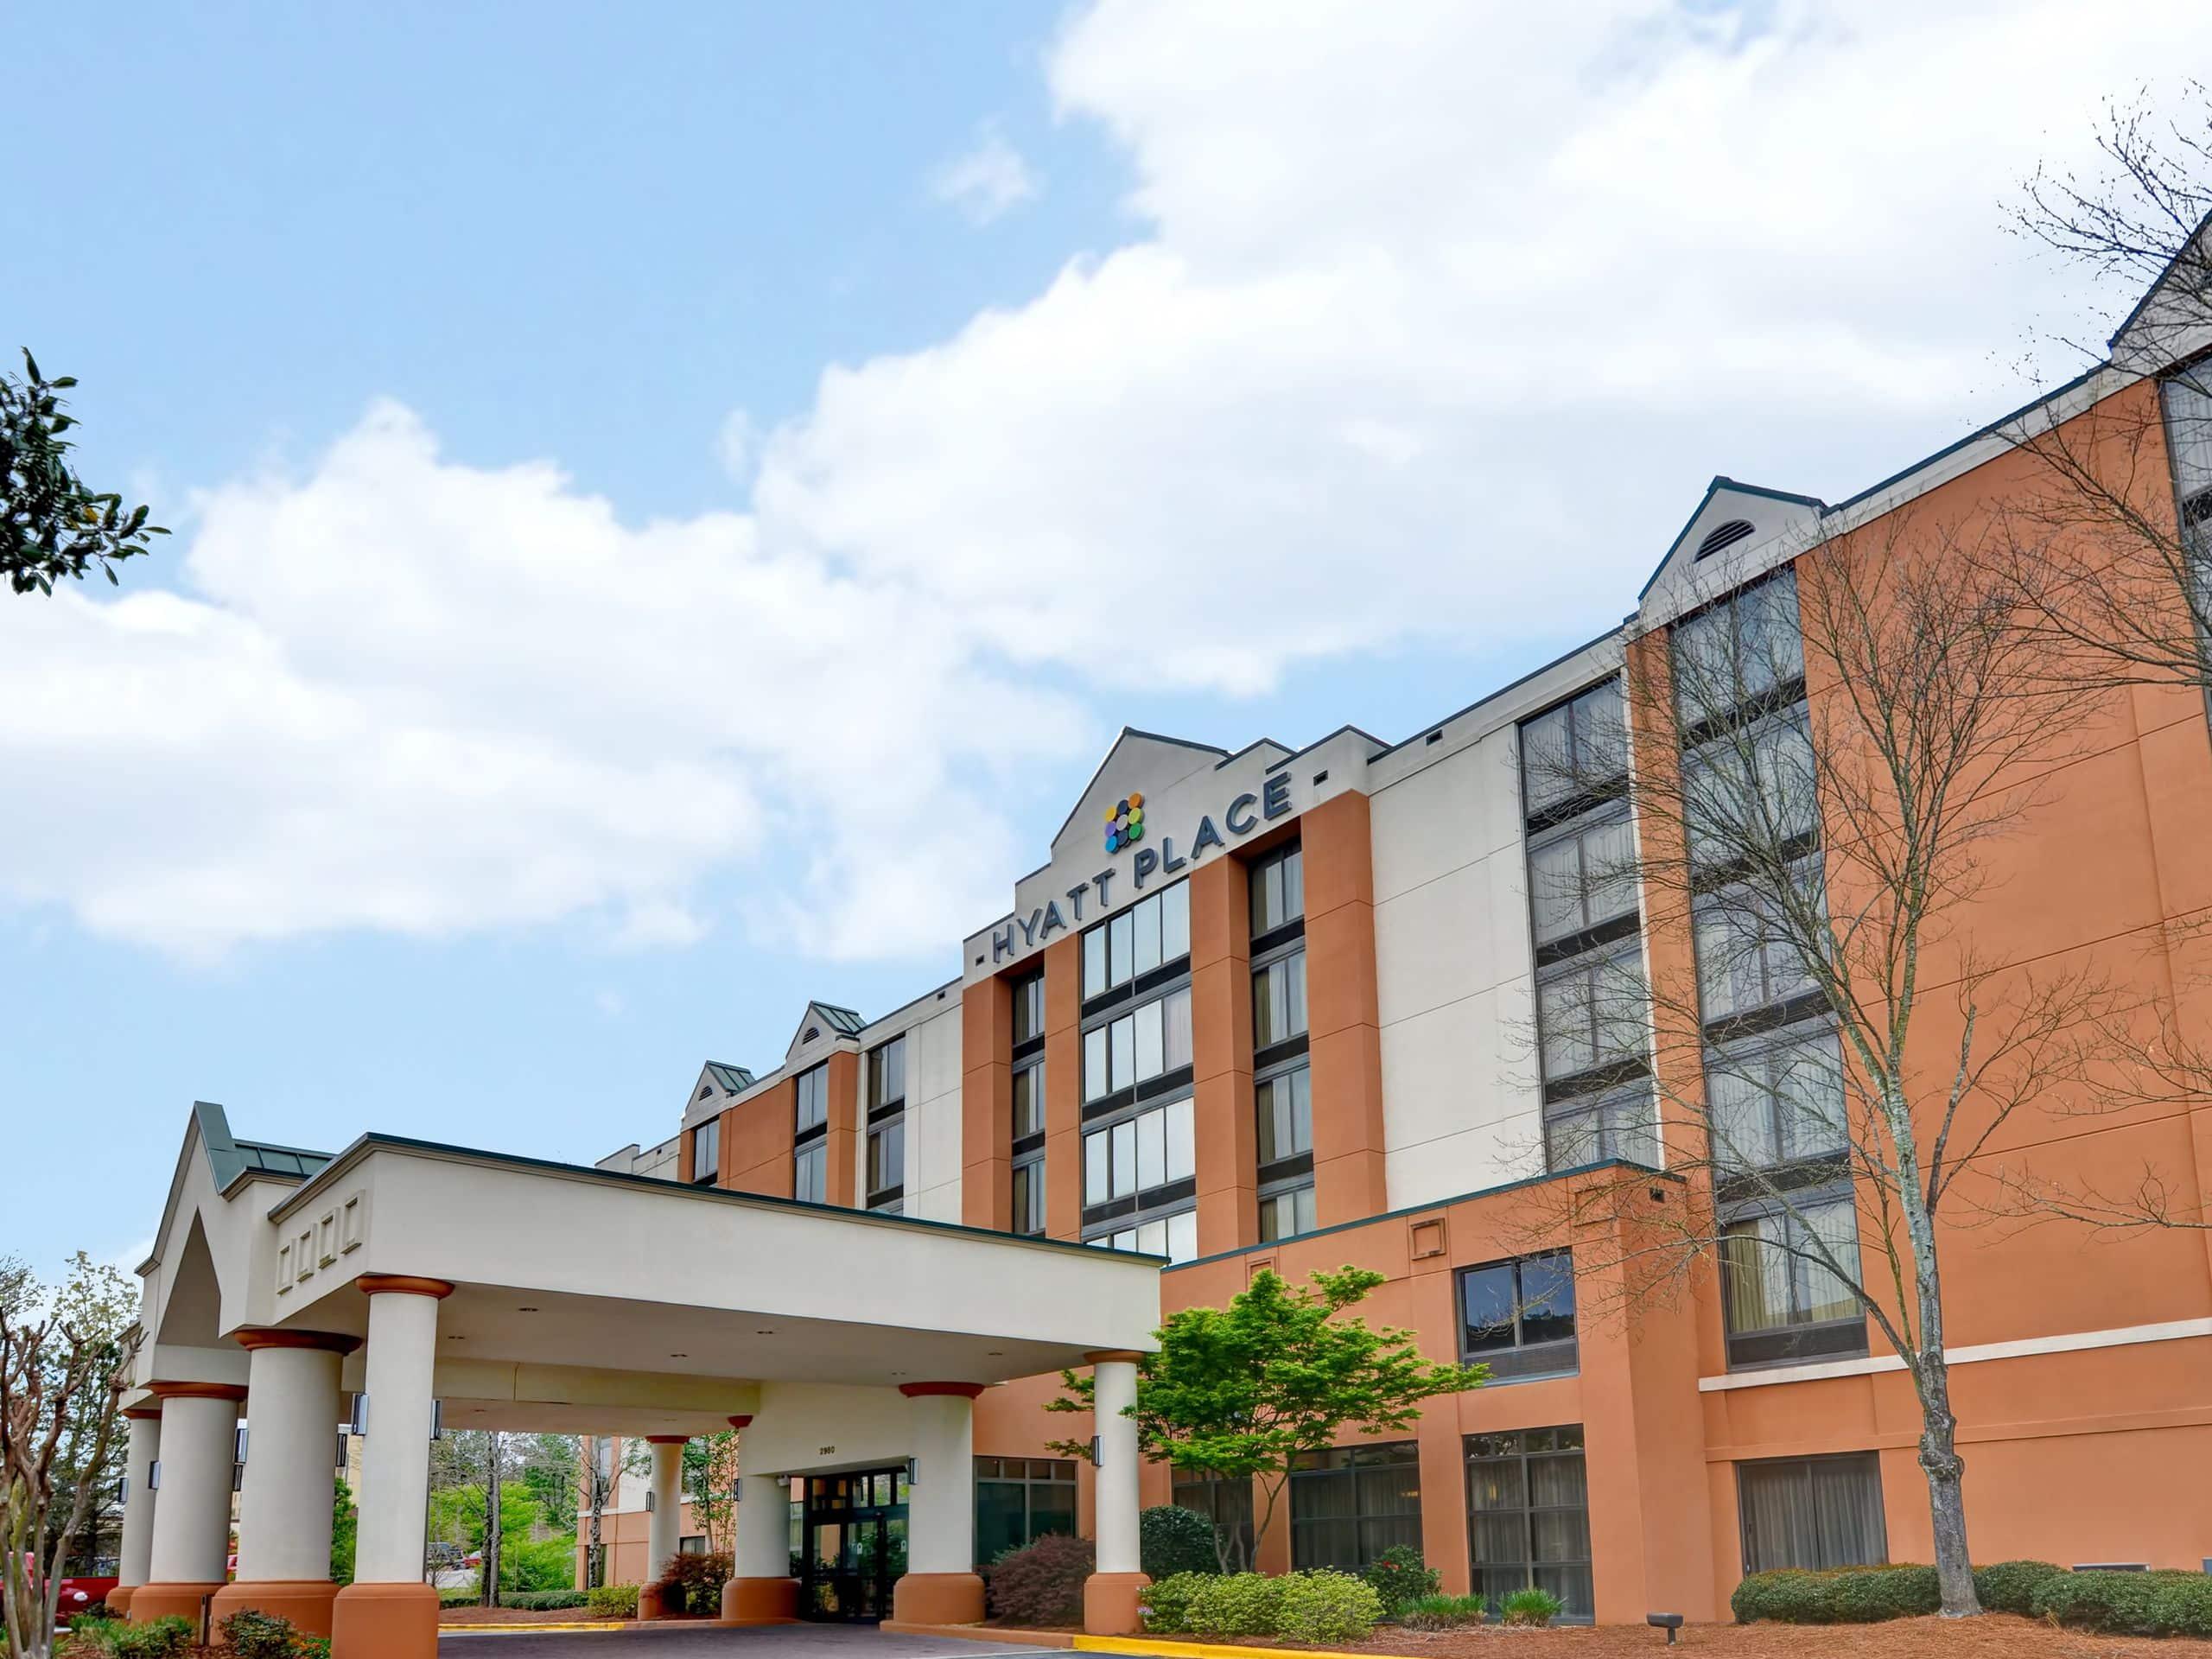 Last Minute Weekend Getaways Hyatt Hotels & Resorts